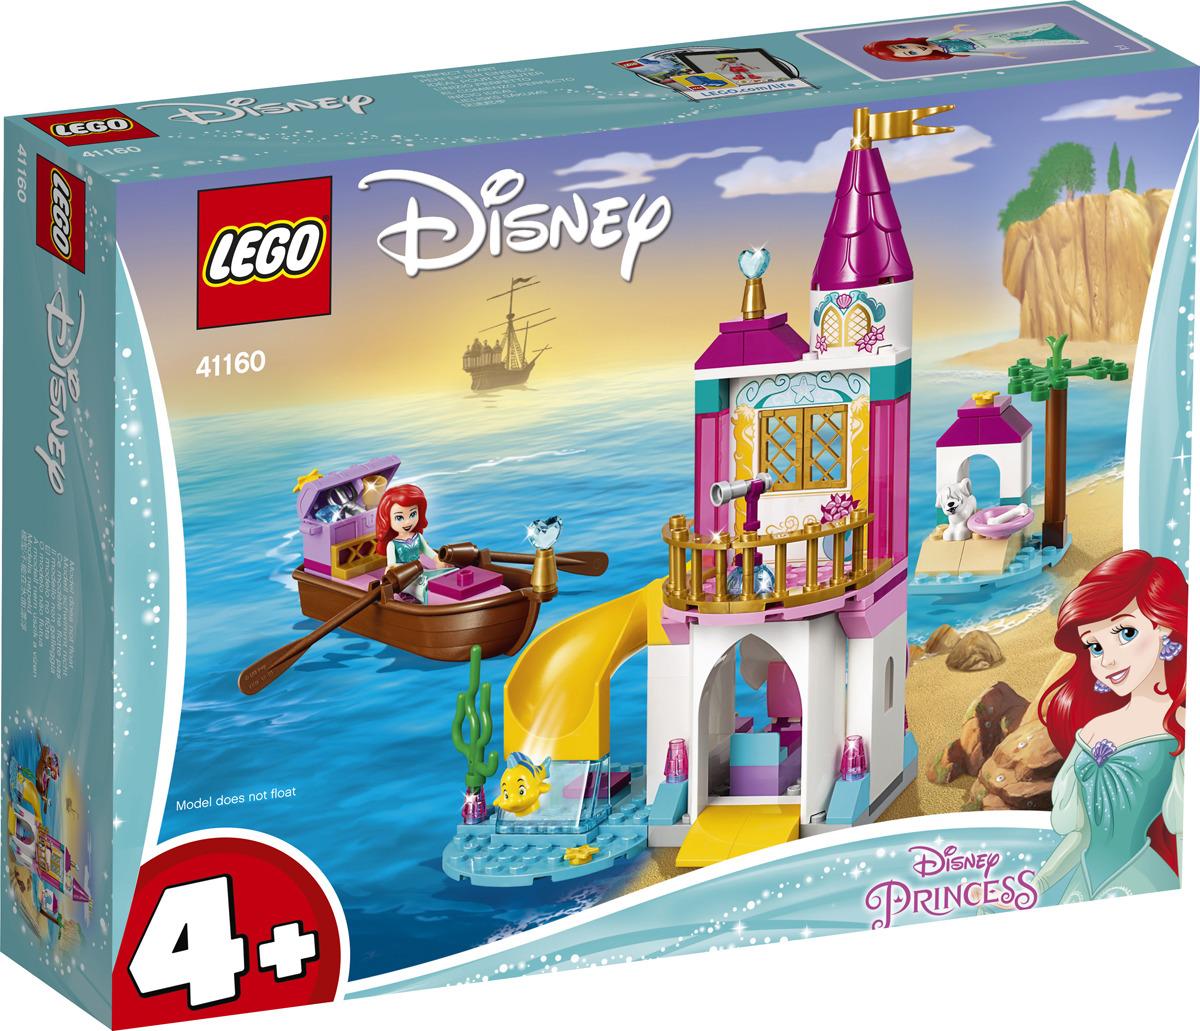 LEGO Disney Princess 41160 Морской замок Ариэль Конструктор lego disney princess сказочный замок спящей красавицы 41152